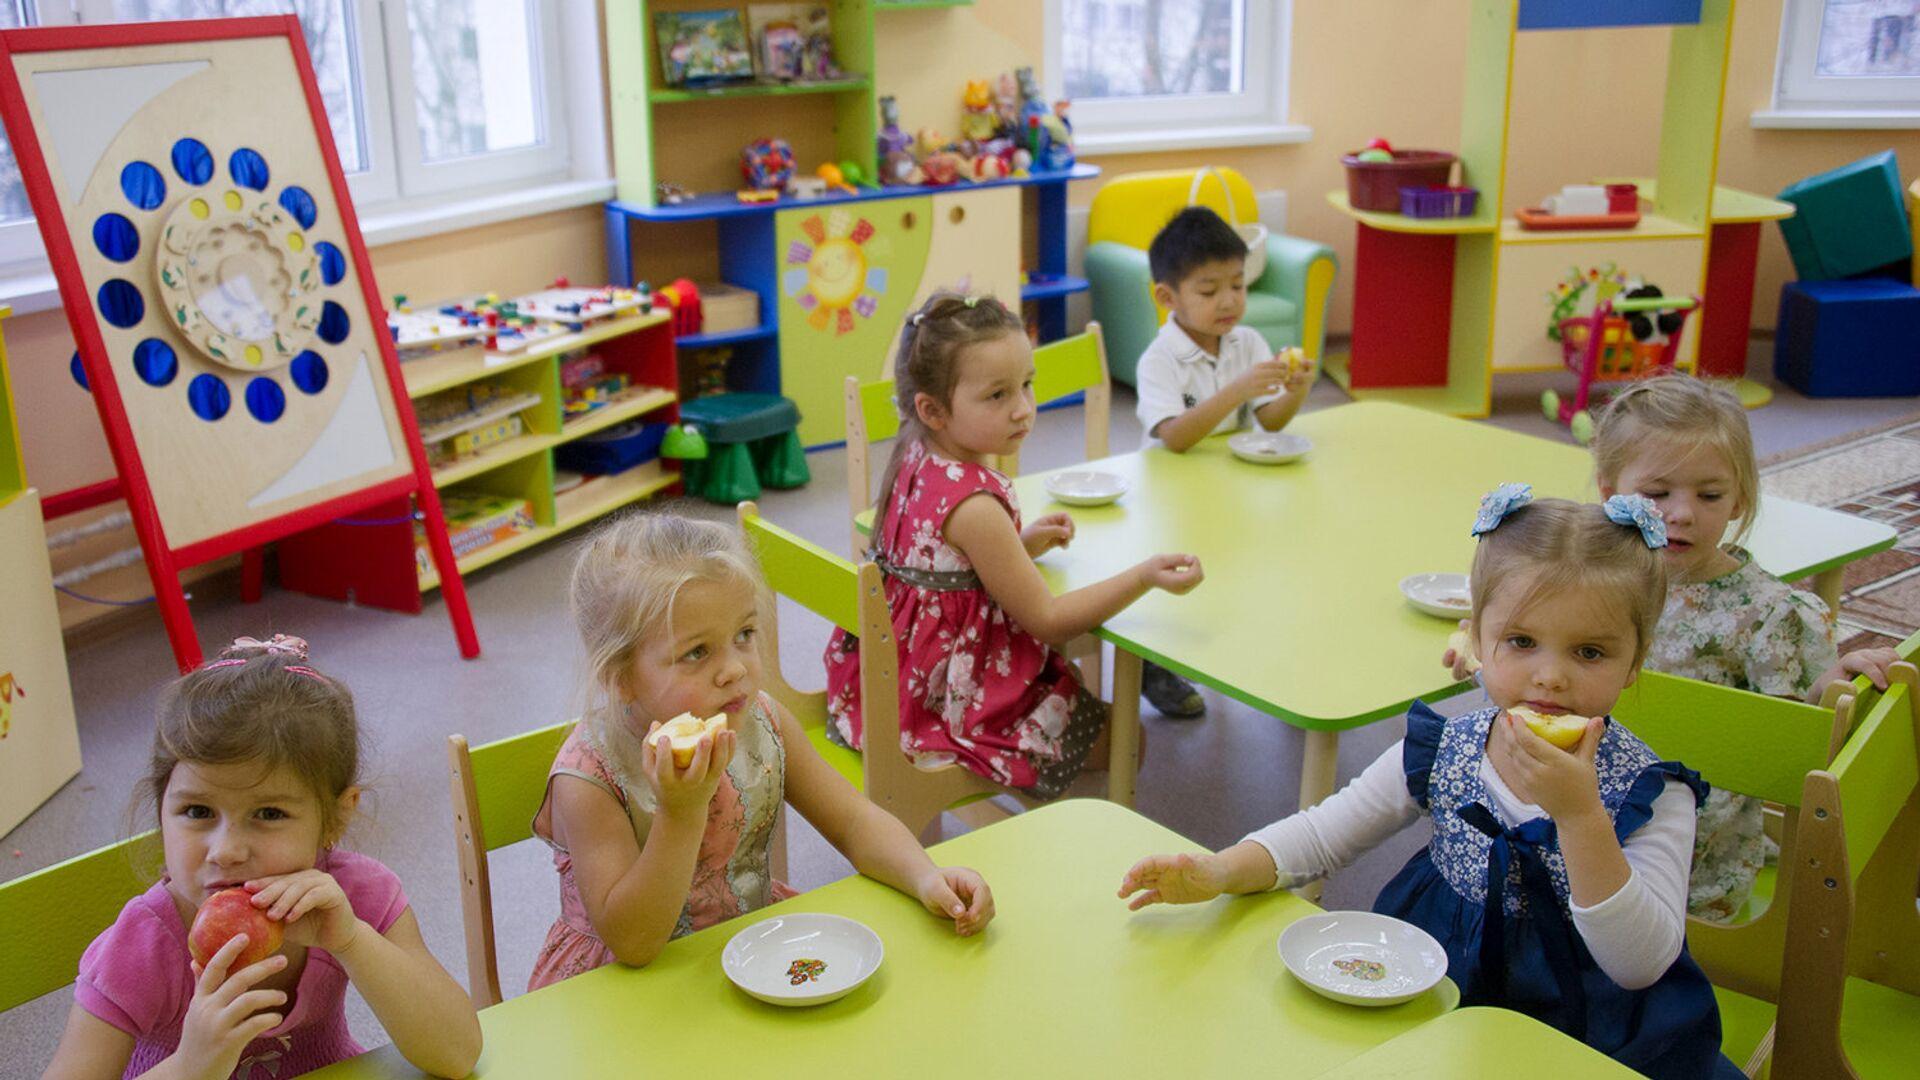 Дети в одном из детских дошкольных учреждений в Москве. Архивное фото - РИА Новости, 1920, 31.01.2020